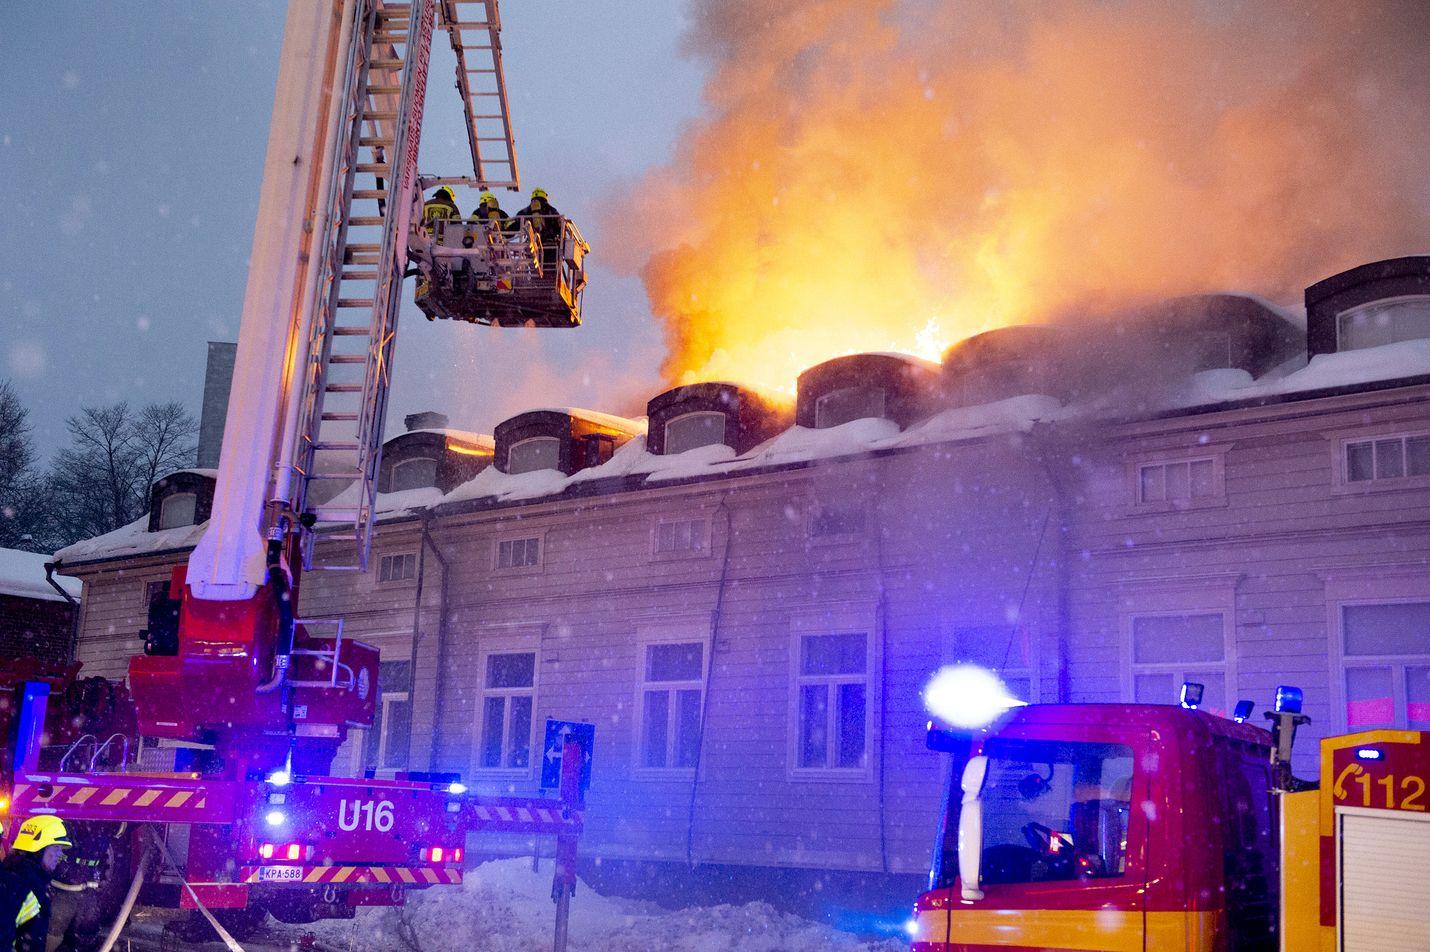 Varsinais-Suomen pelastuslaitoksen päivystävä päällikkö Kari Alanko kertoi, että palo osoittautui päivän mittaan erittäin vaikeasti sammutettavaksi. Kuva on otettu kello 18 ja 19 välillä.